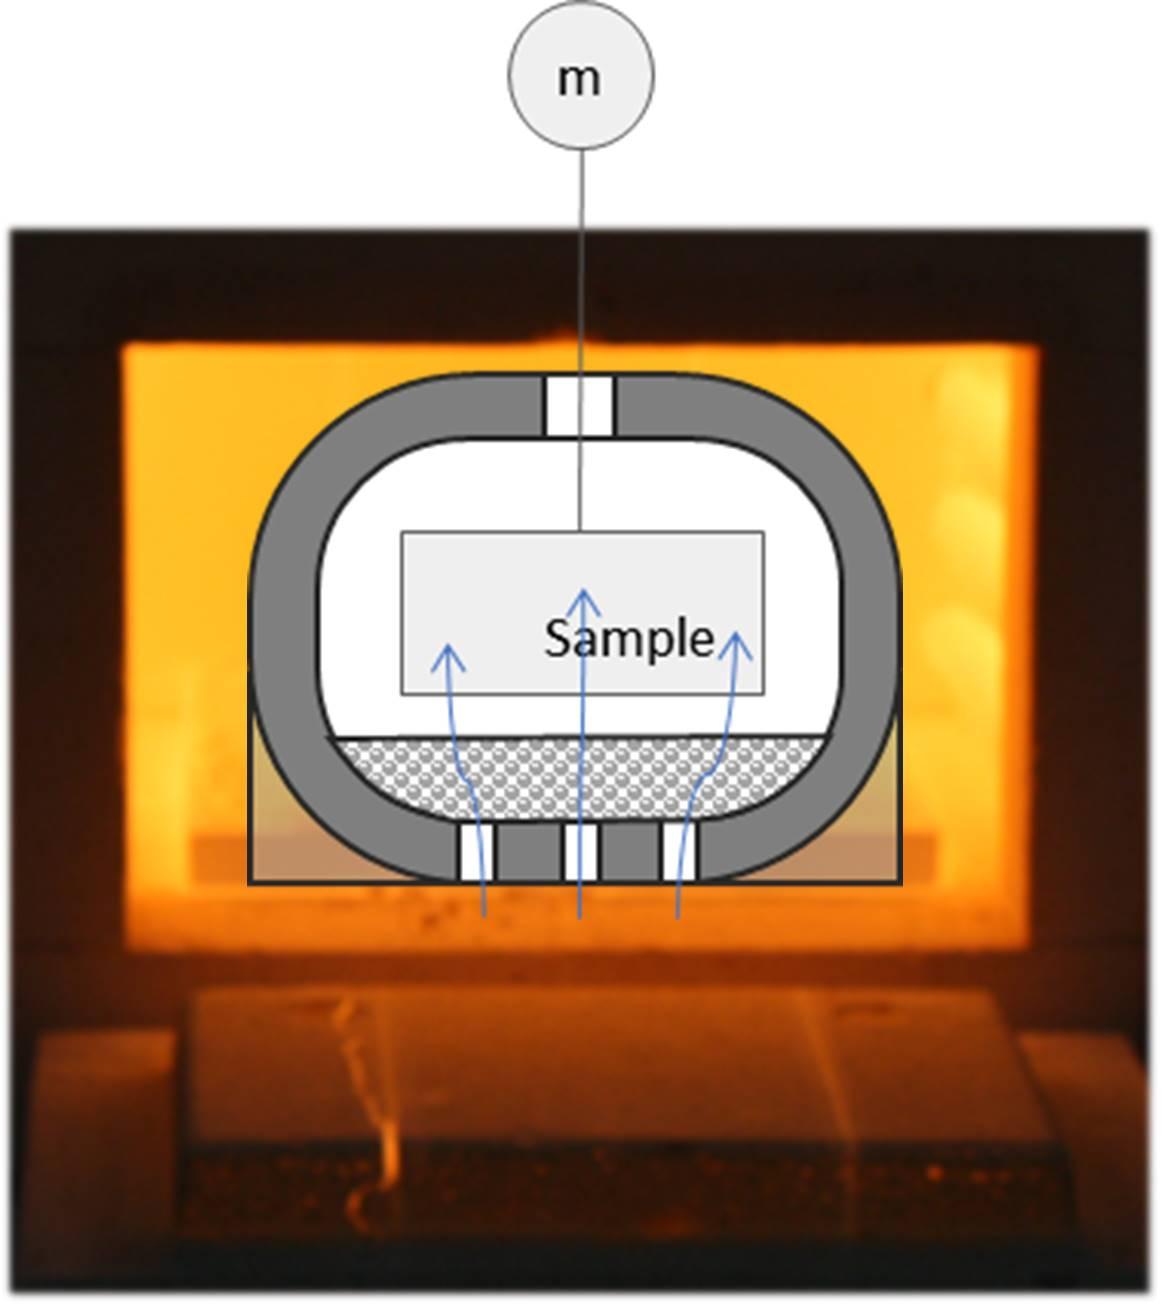 Oxidation test rig